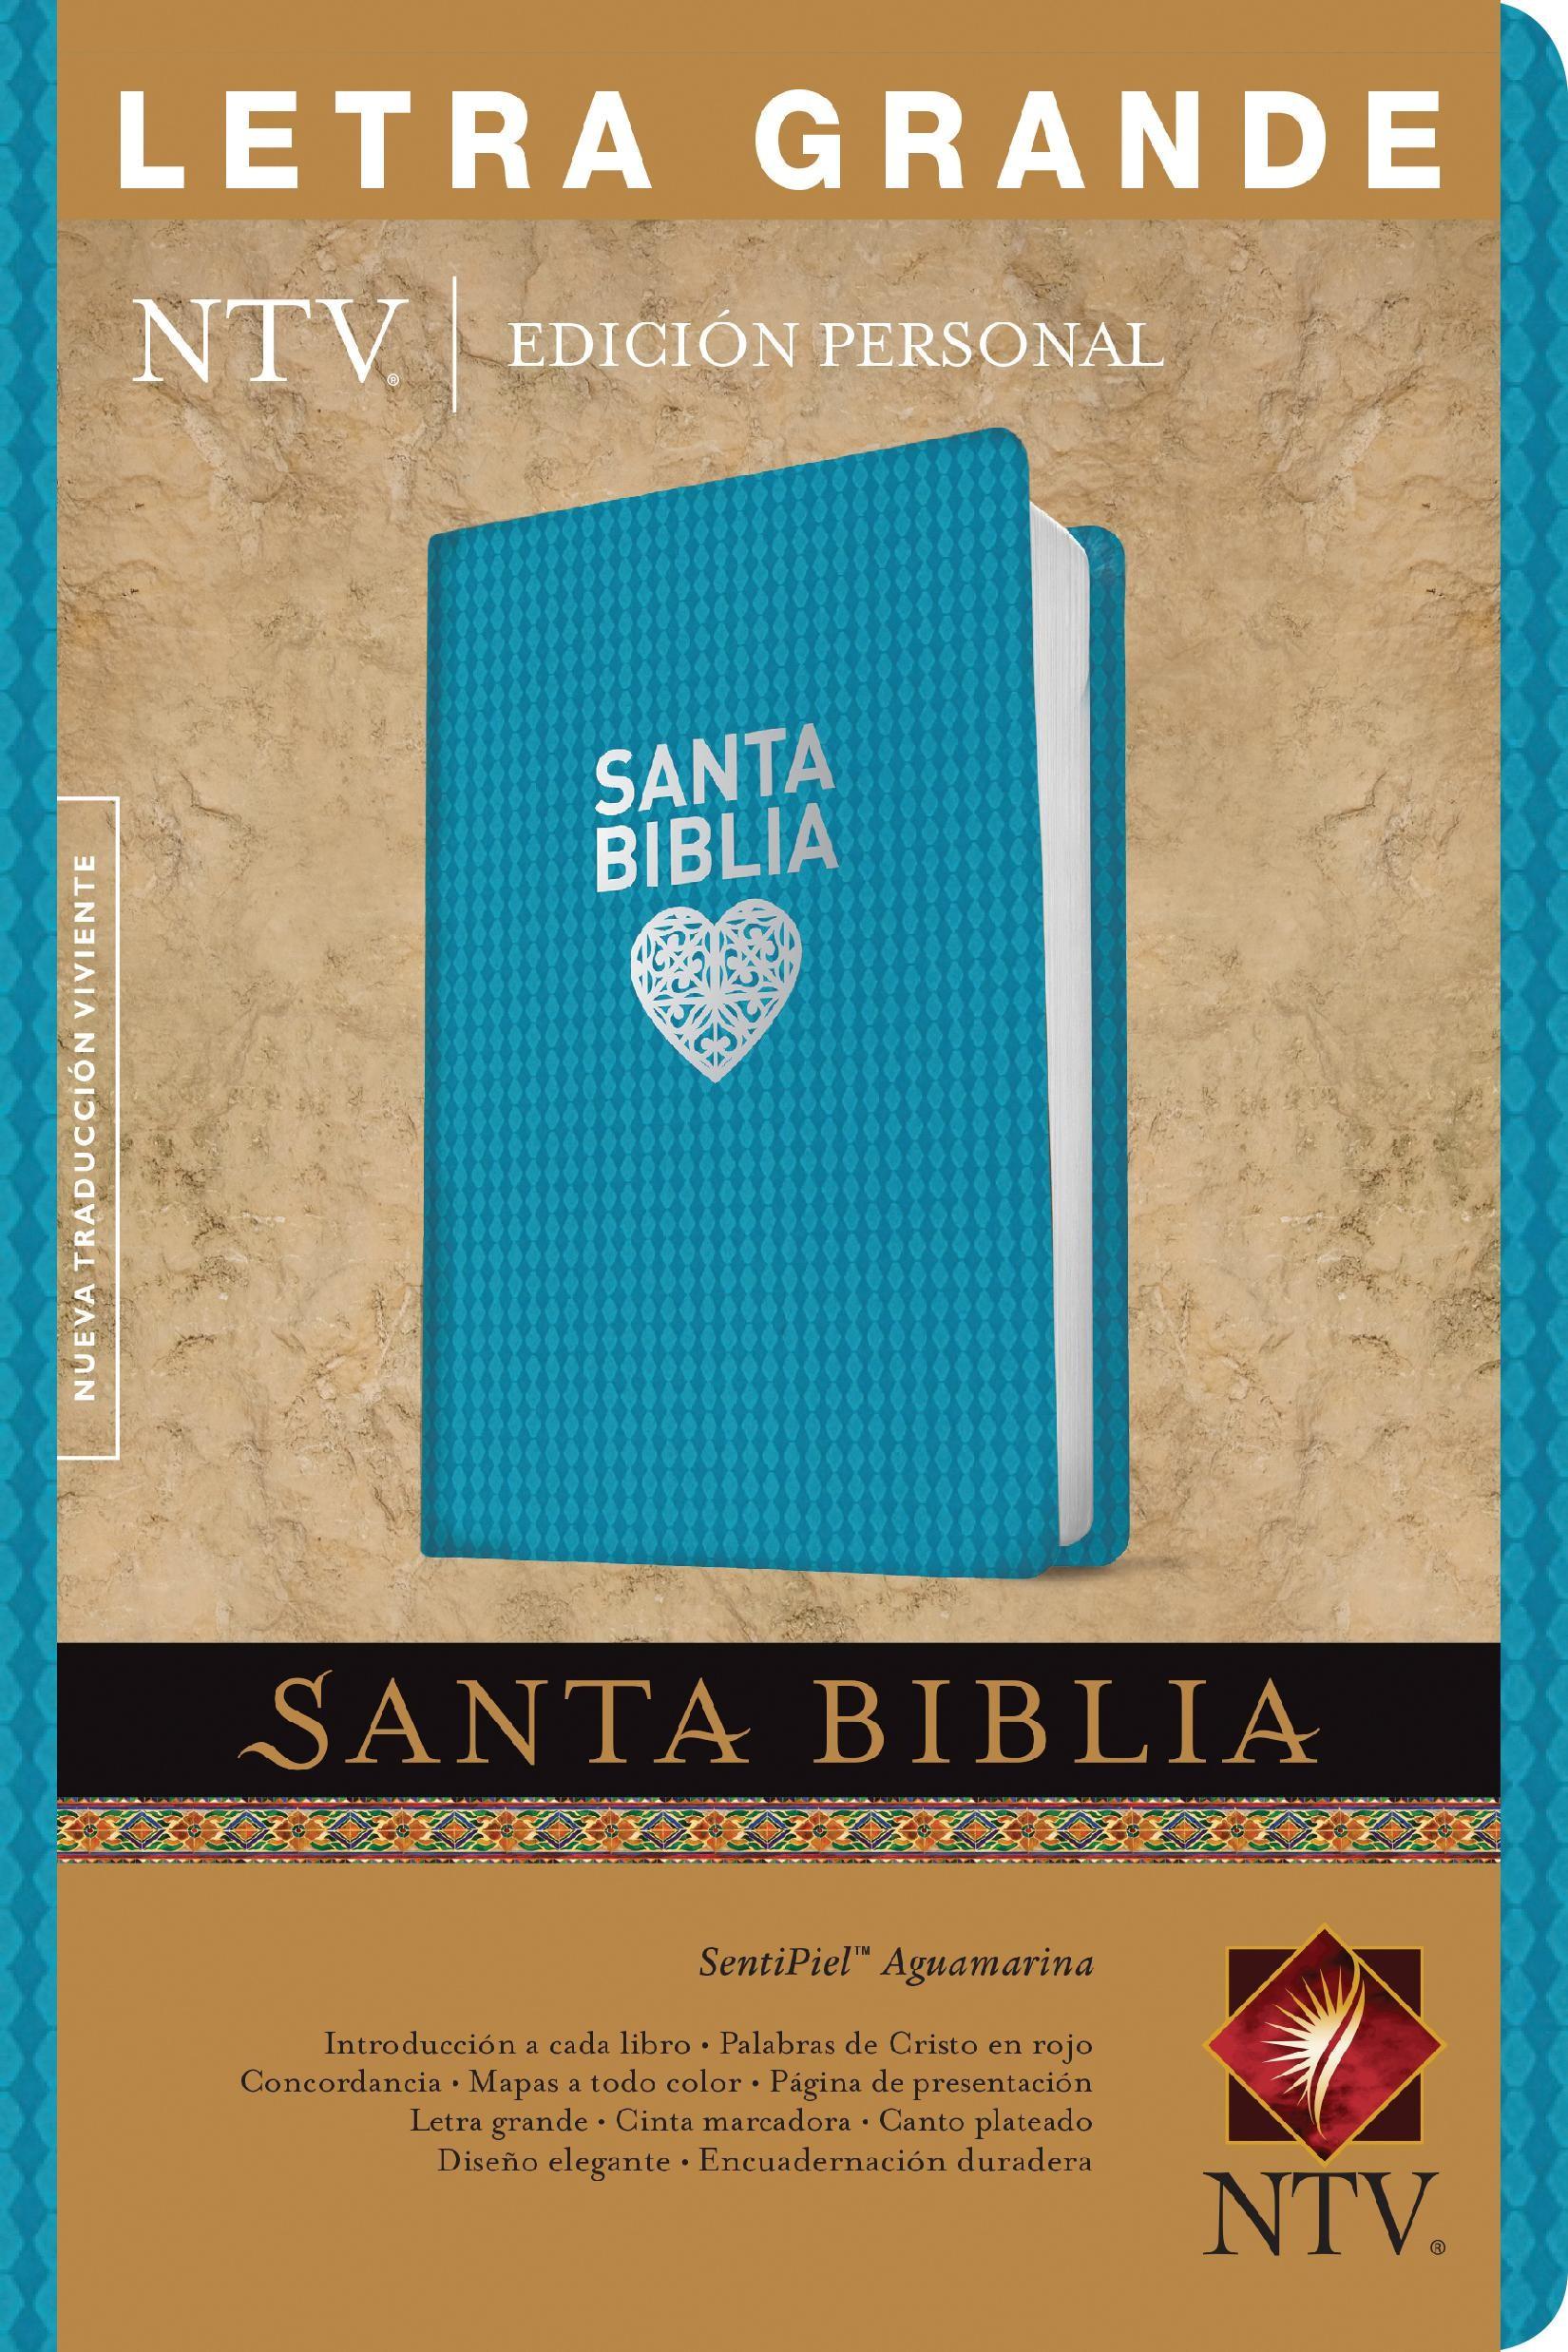 Santa Biblia NTV, Edición personal, letra grande (Letra Roja, SentiPiel, Aguamarina, Índice)